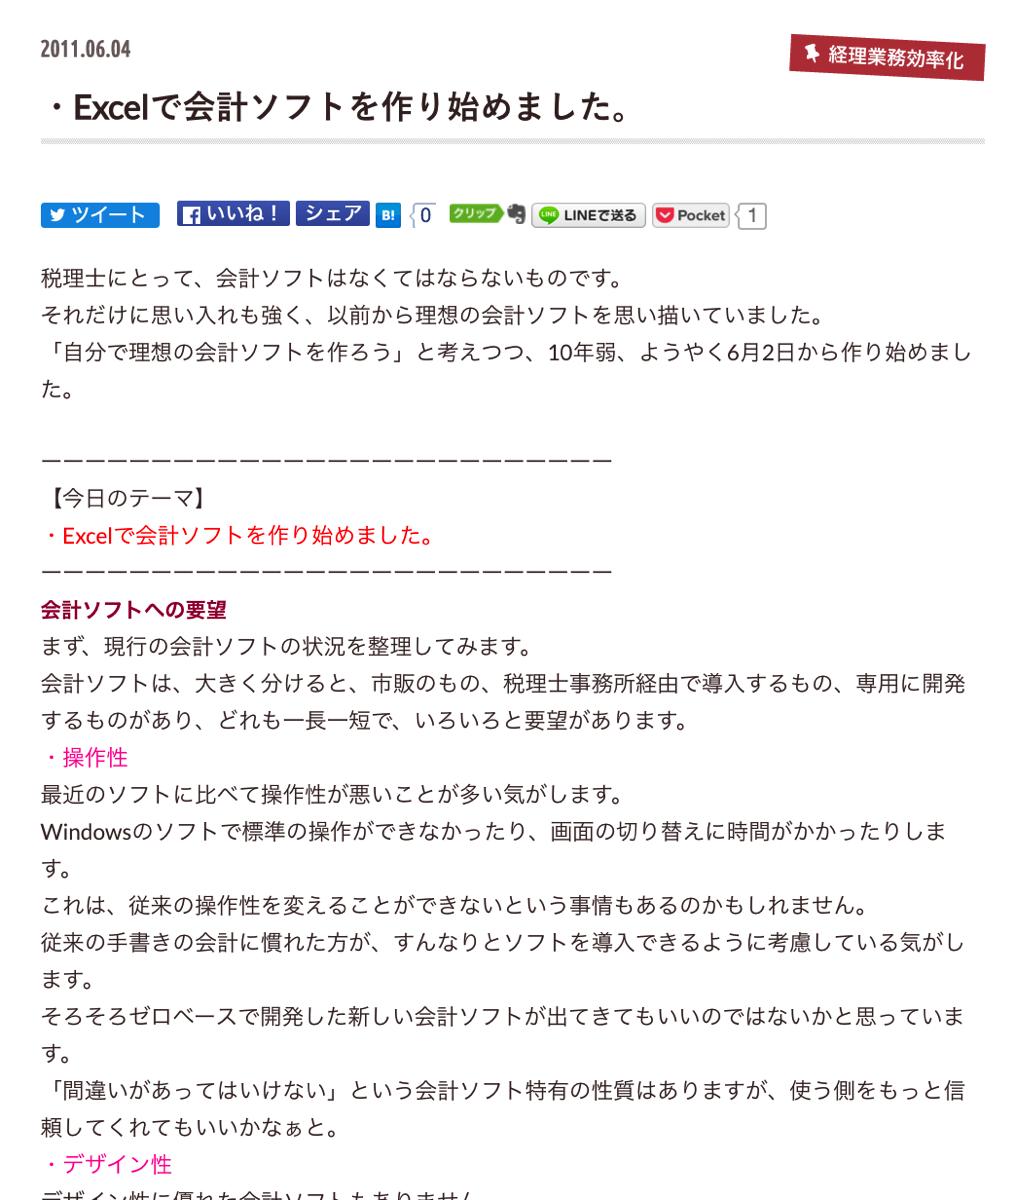 EX IT SS 8